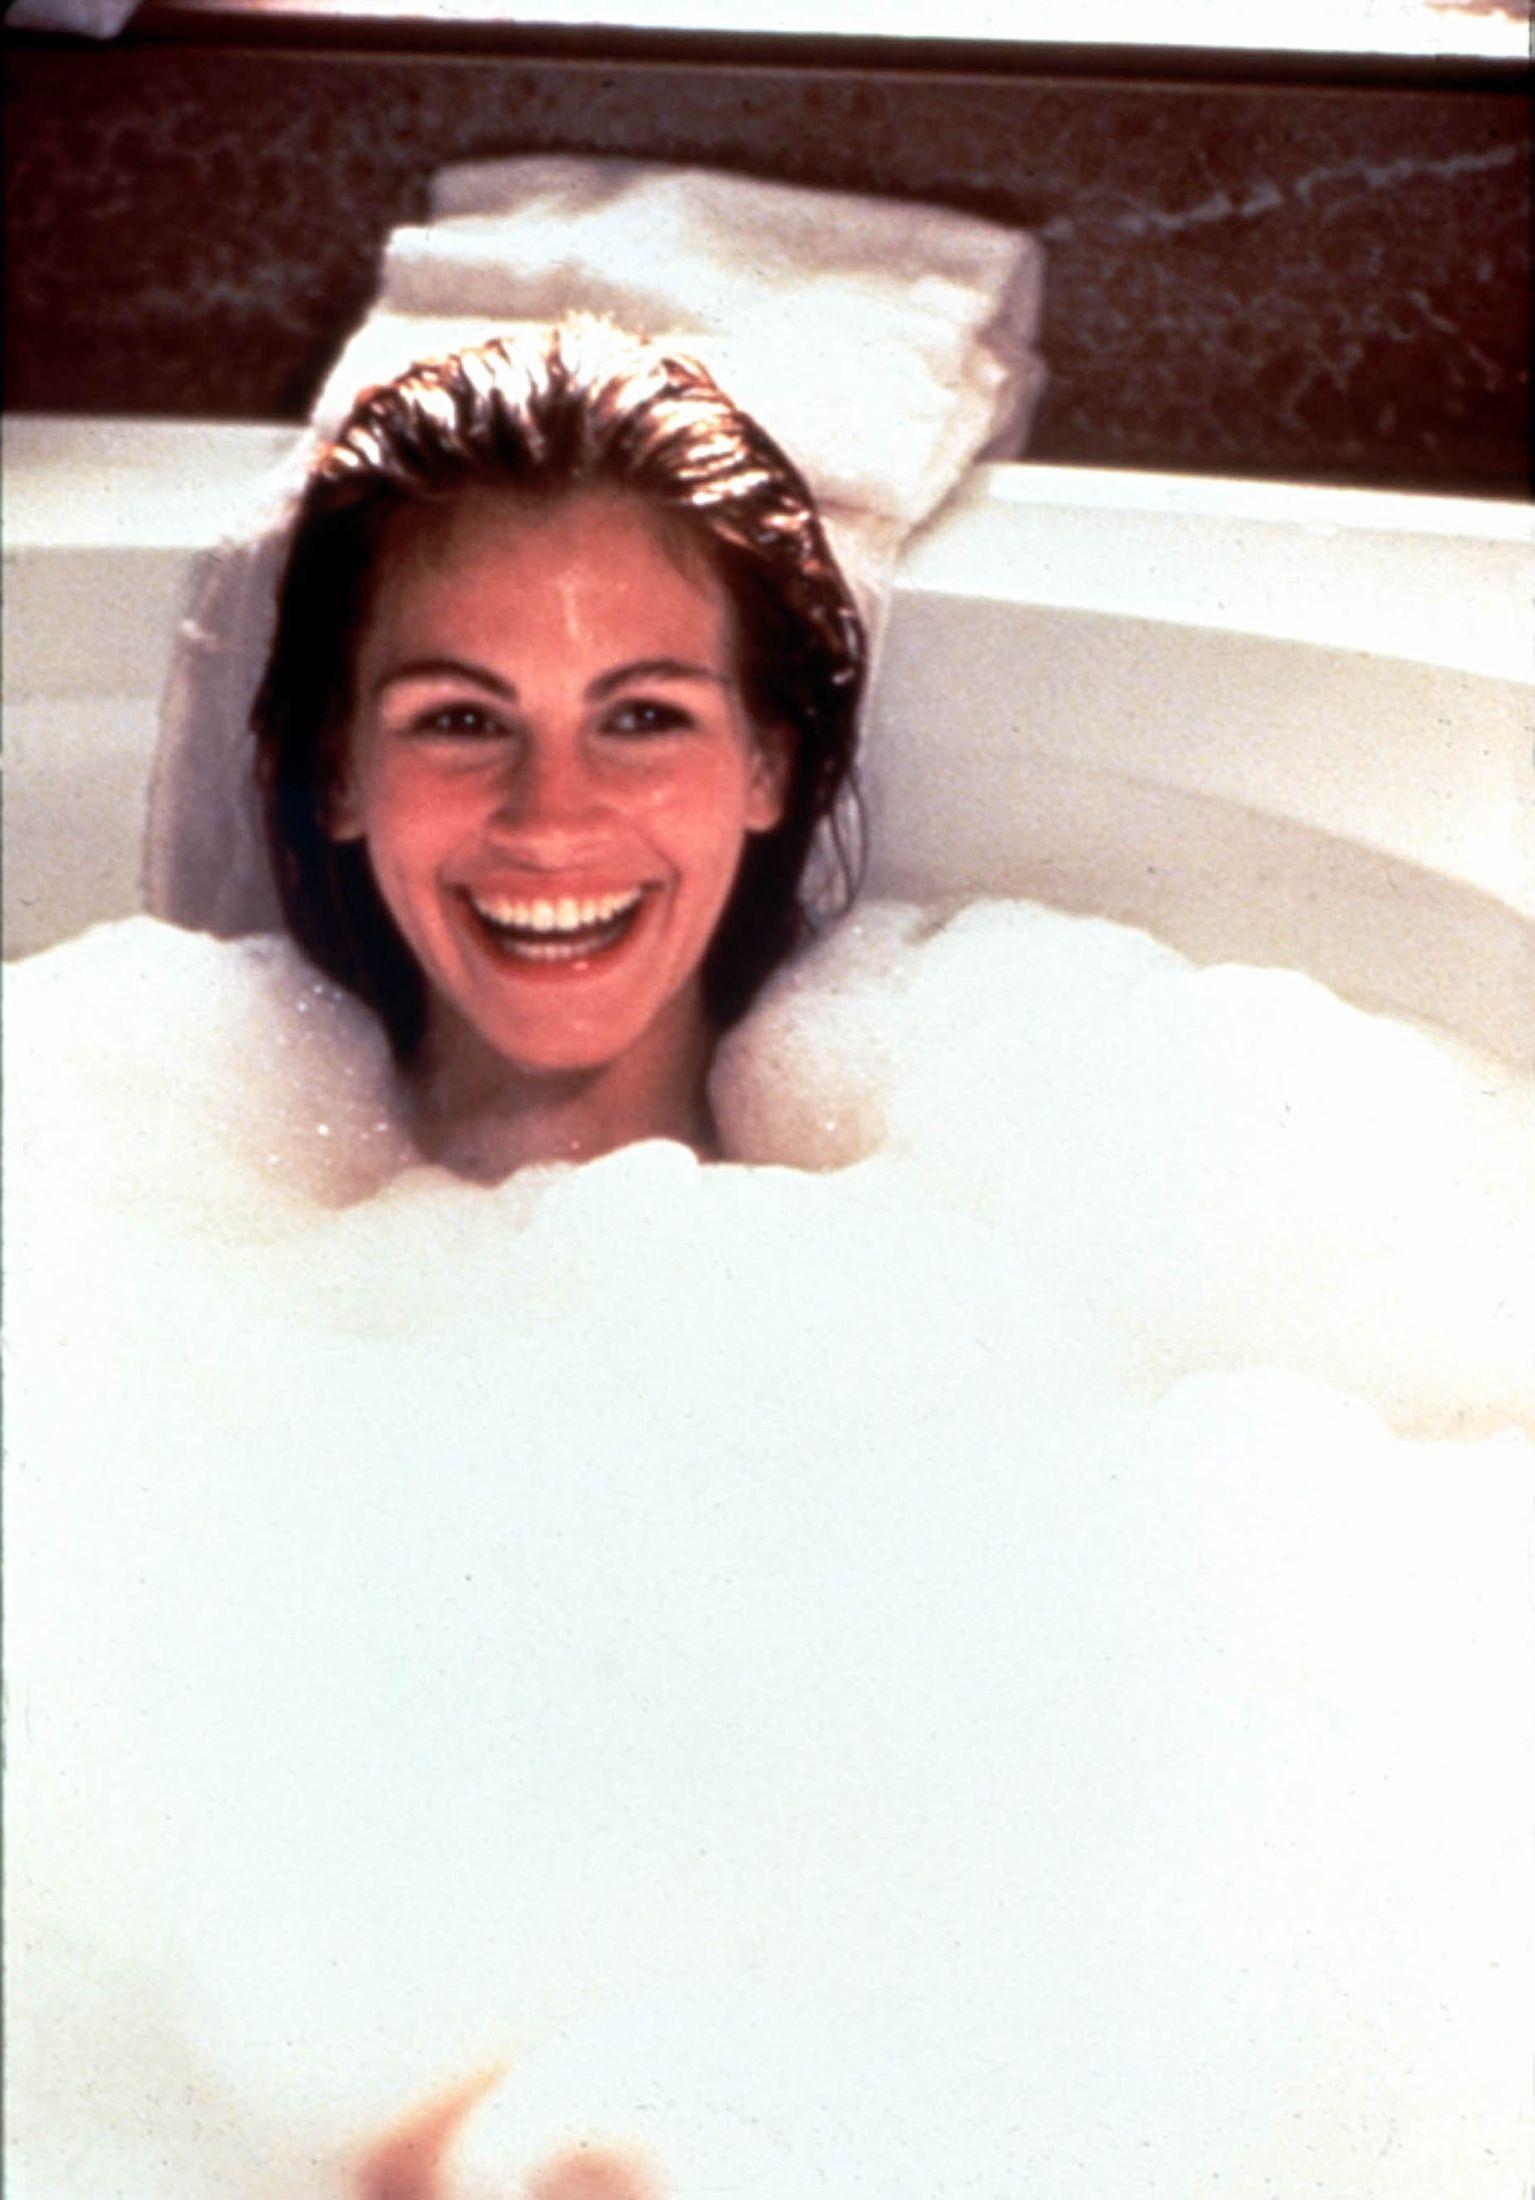 ALLE VAR BORTE: Alle var forsvunnet fra filmsettet – bortsett fra fotografen, da Julia Roberts dukket opp fra boblebadet under innspillingen av «Pretty Woman». Foto: MARY EVANS PICTURE/SCANPIX